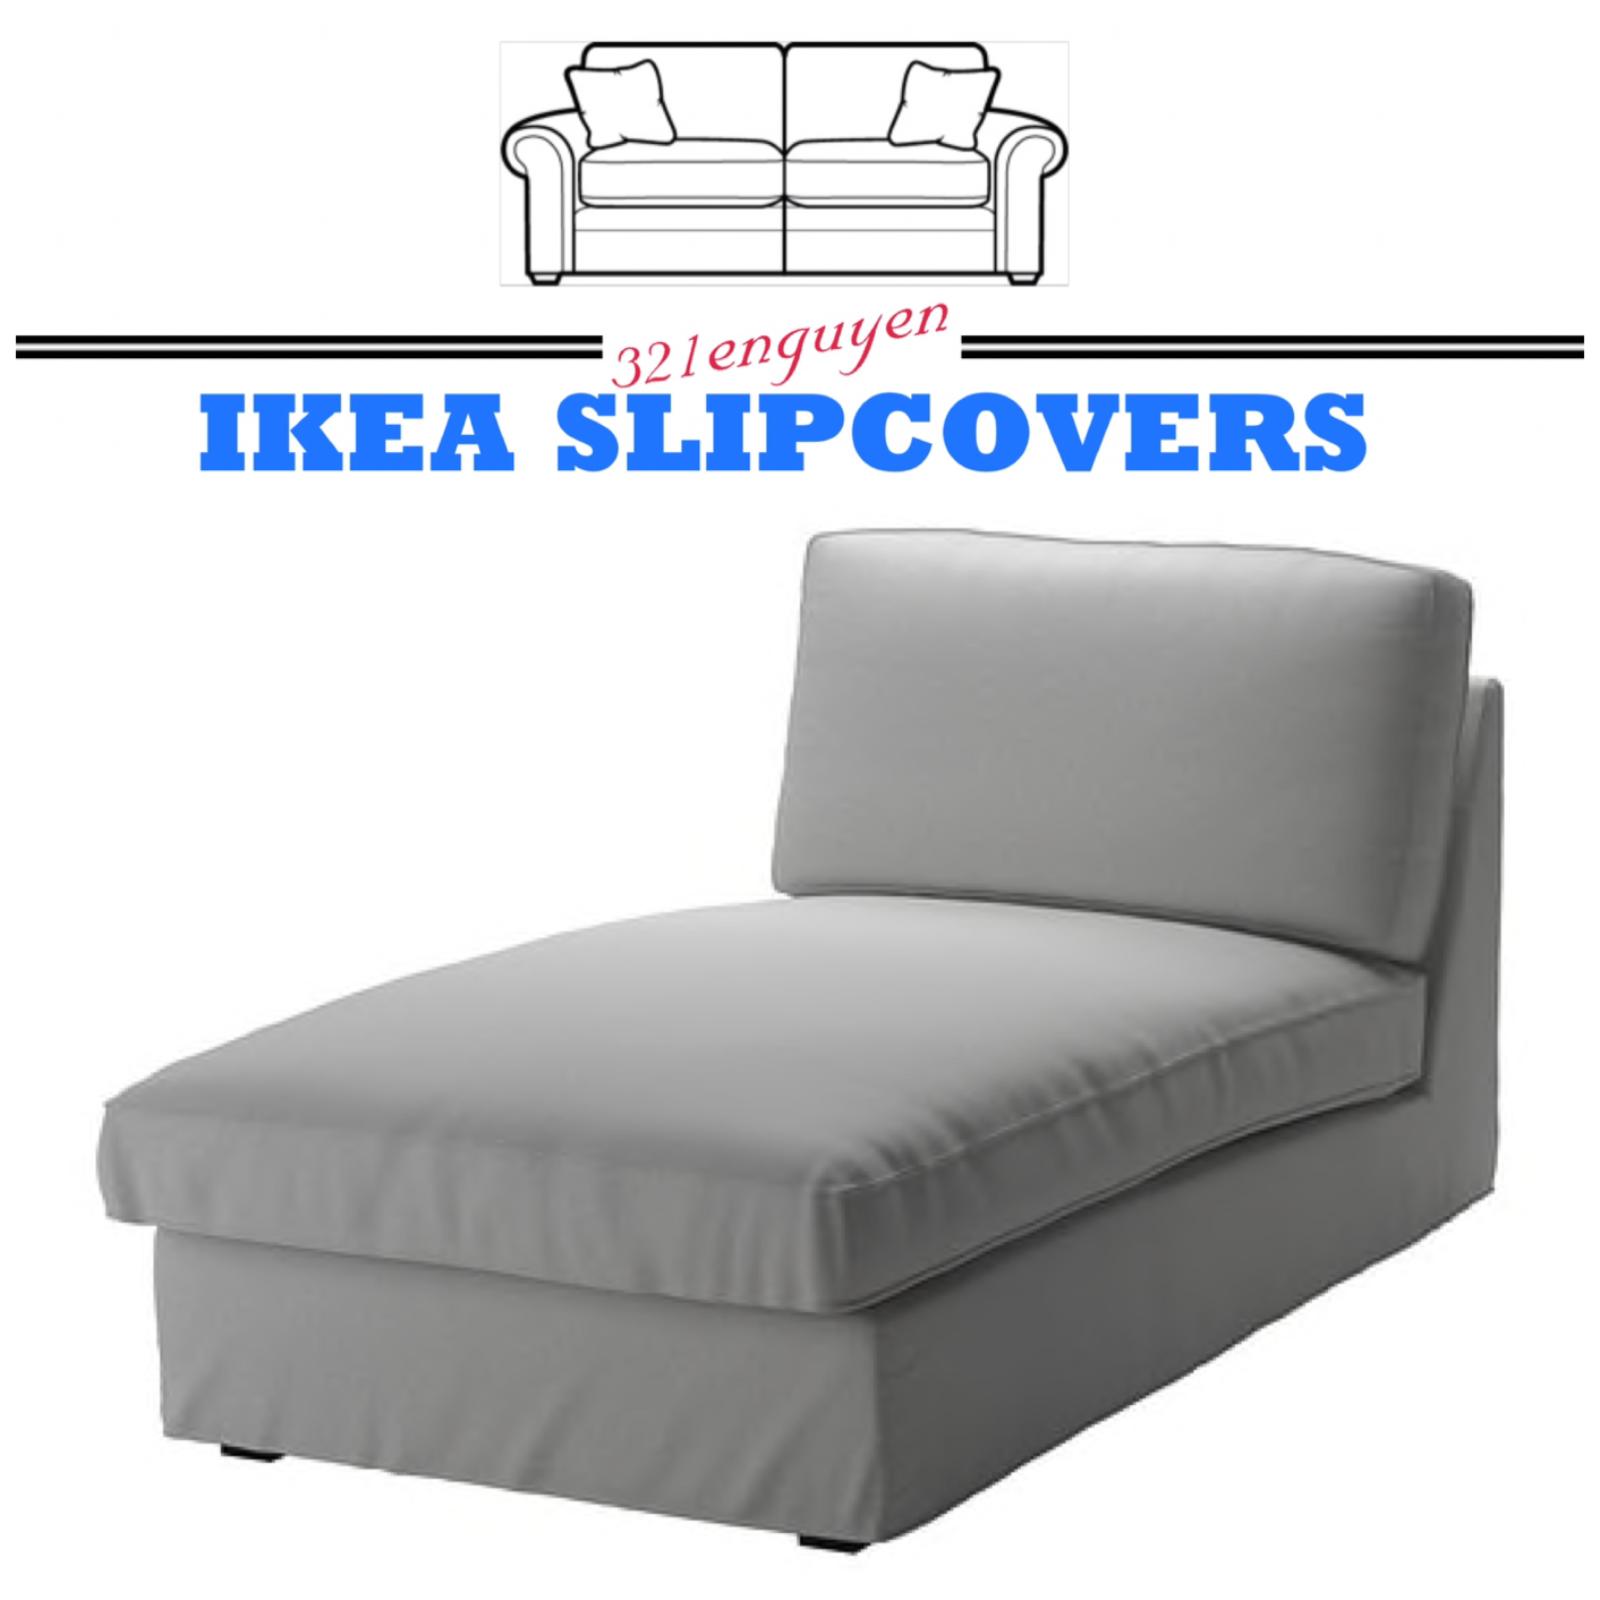 Ikea Kivik Chaise Lounge Slipcover Cover Orrsta Light Gray New